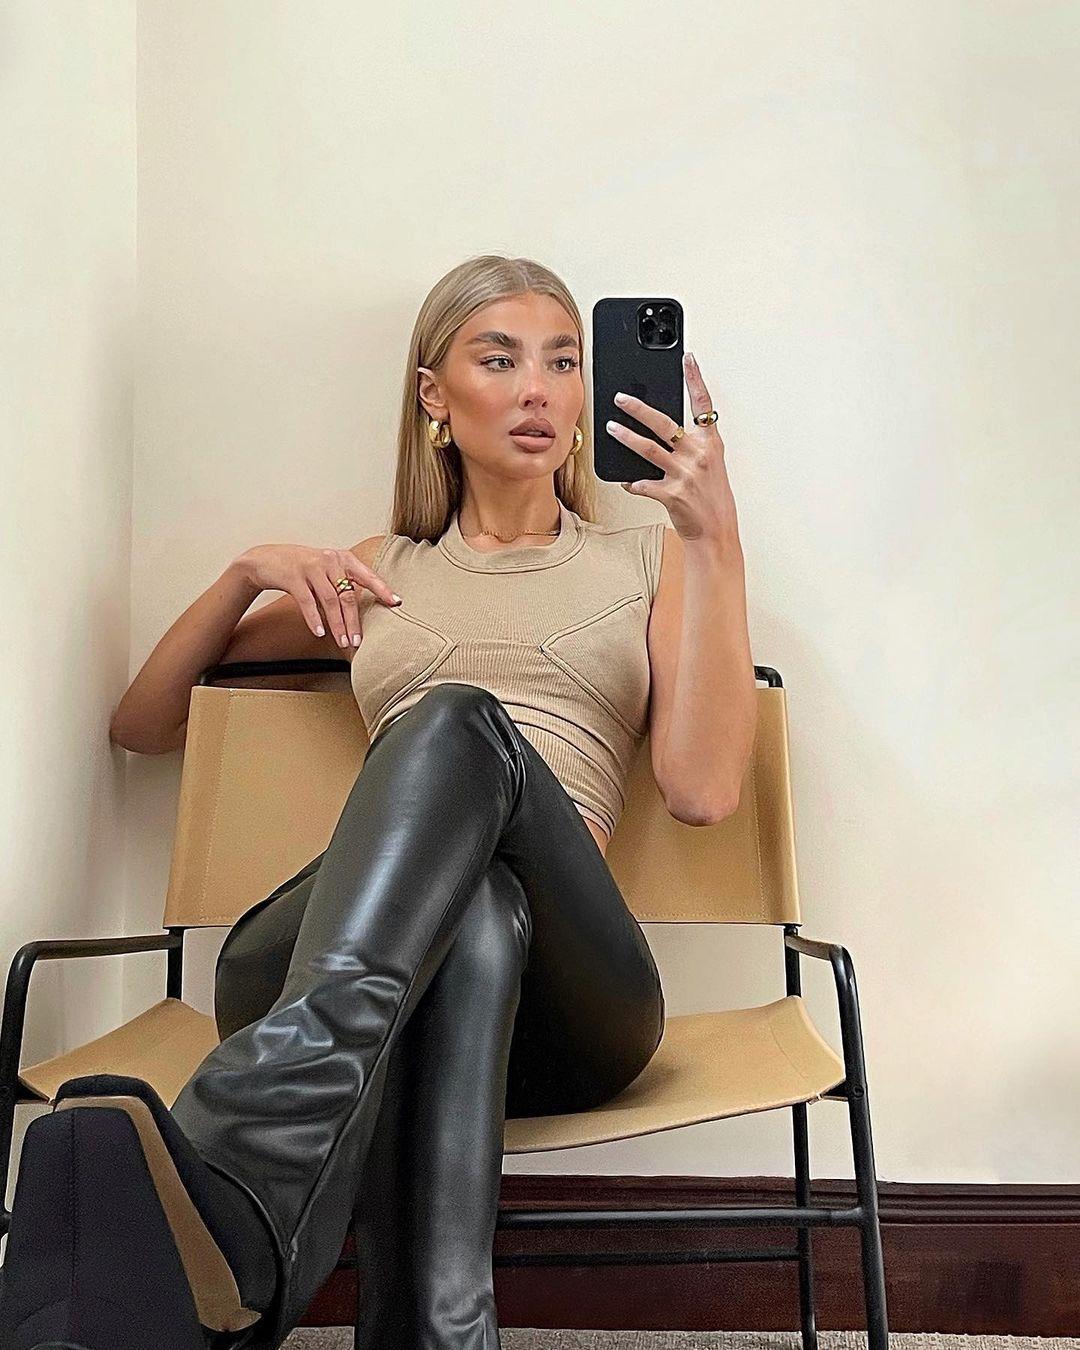 Jess-Hunt-Wallpapers-Insta-Fit-Bio-8